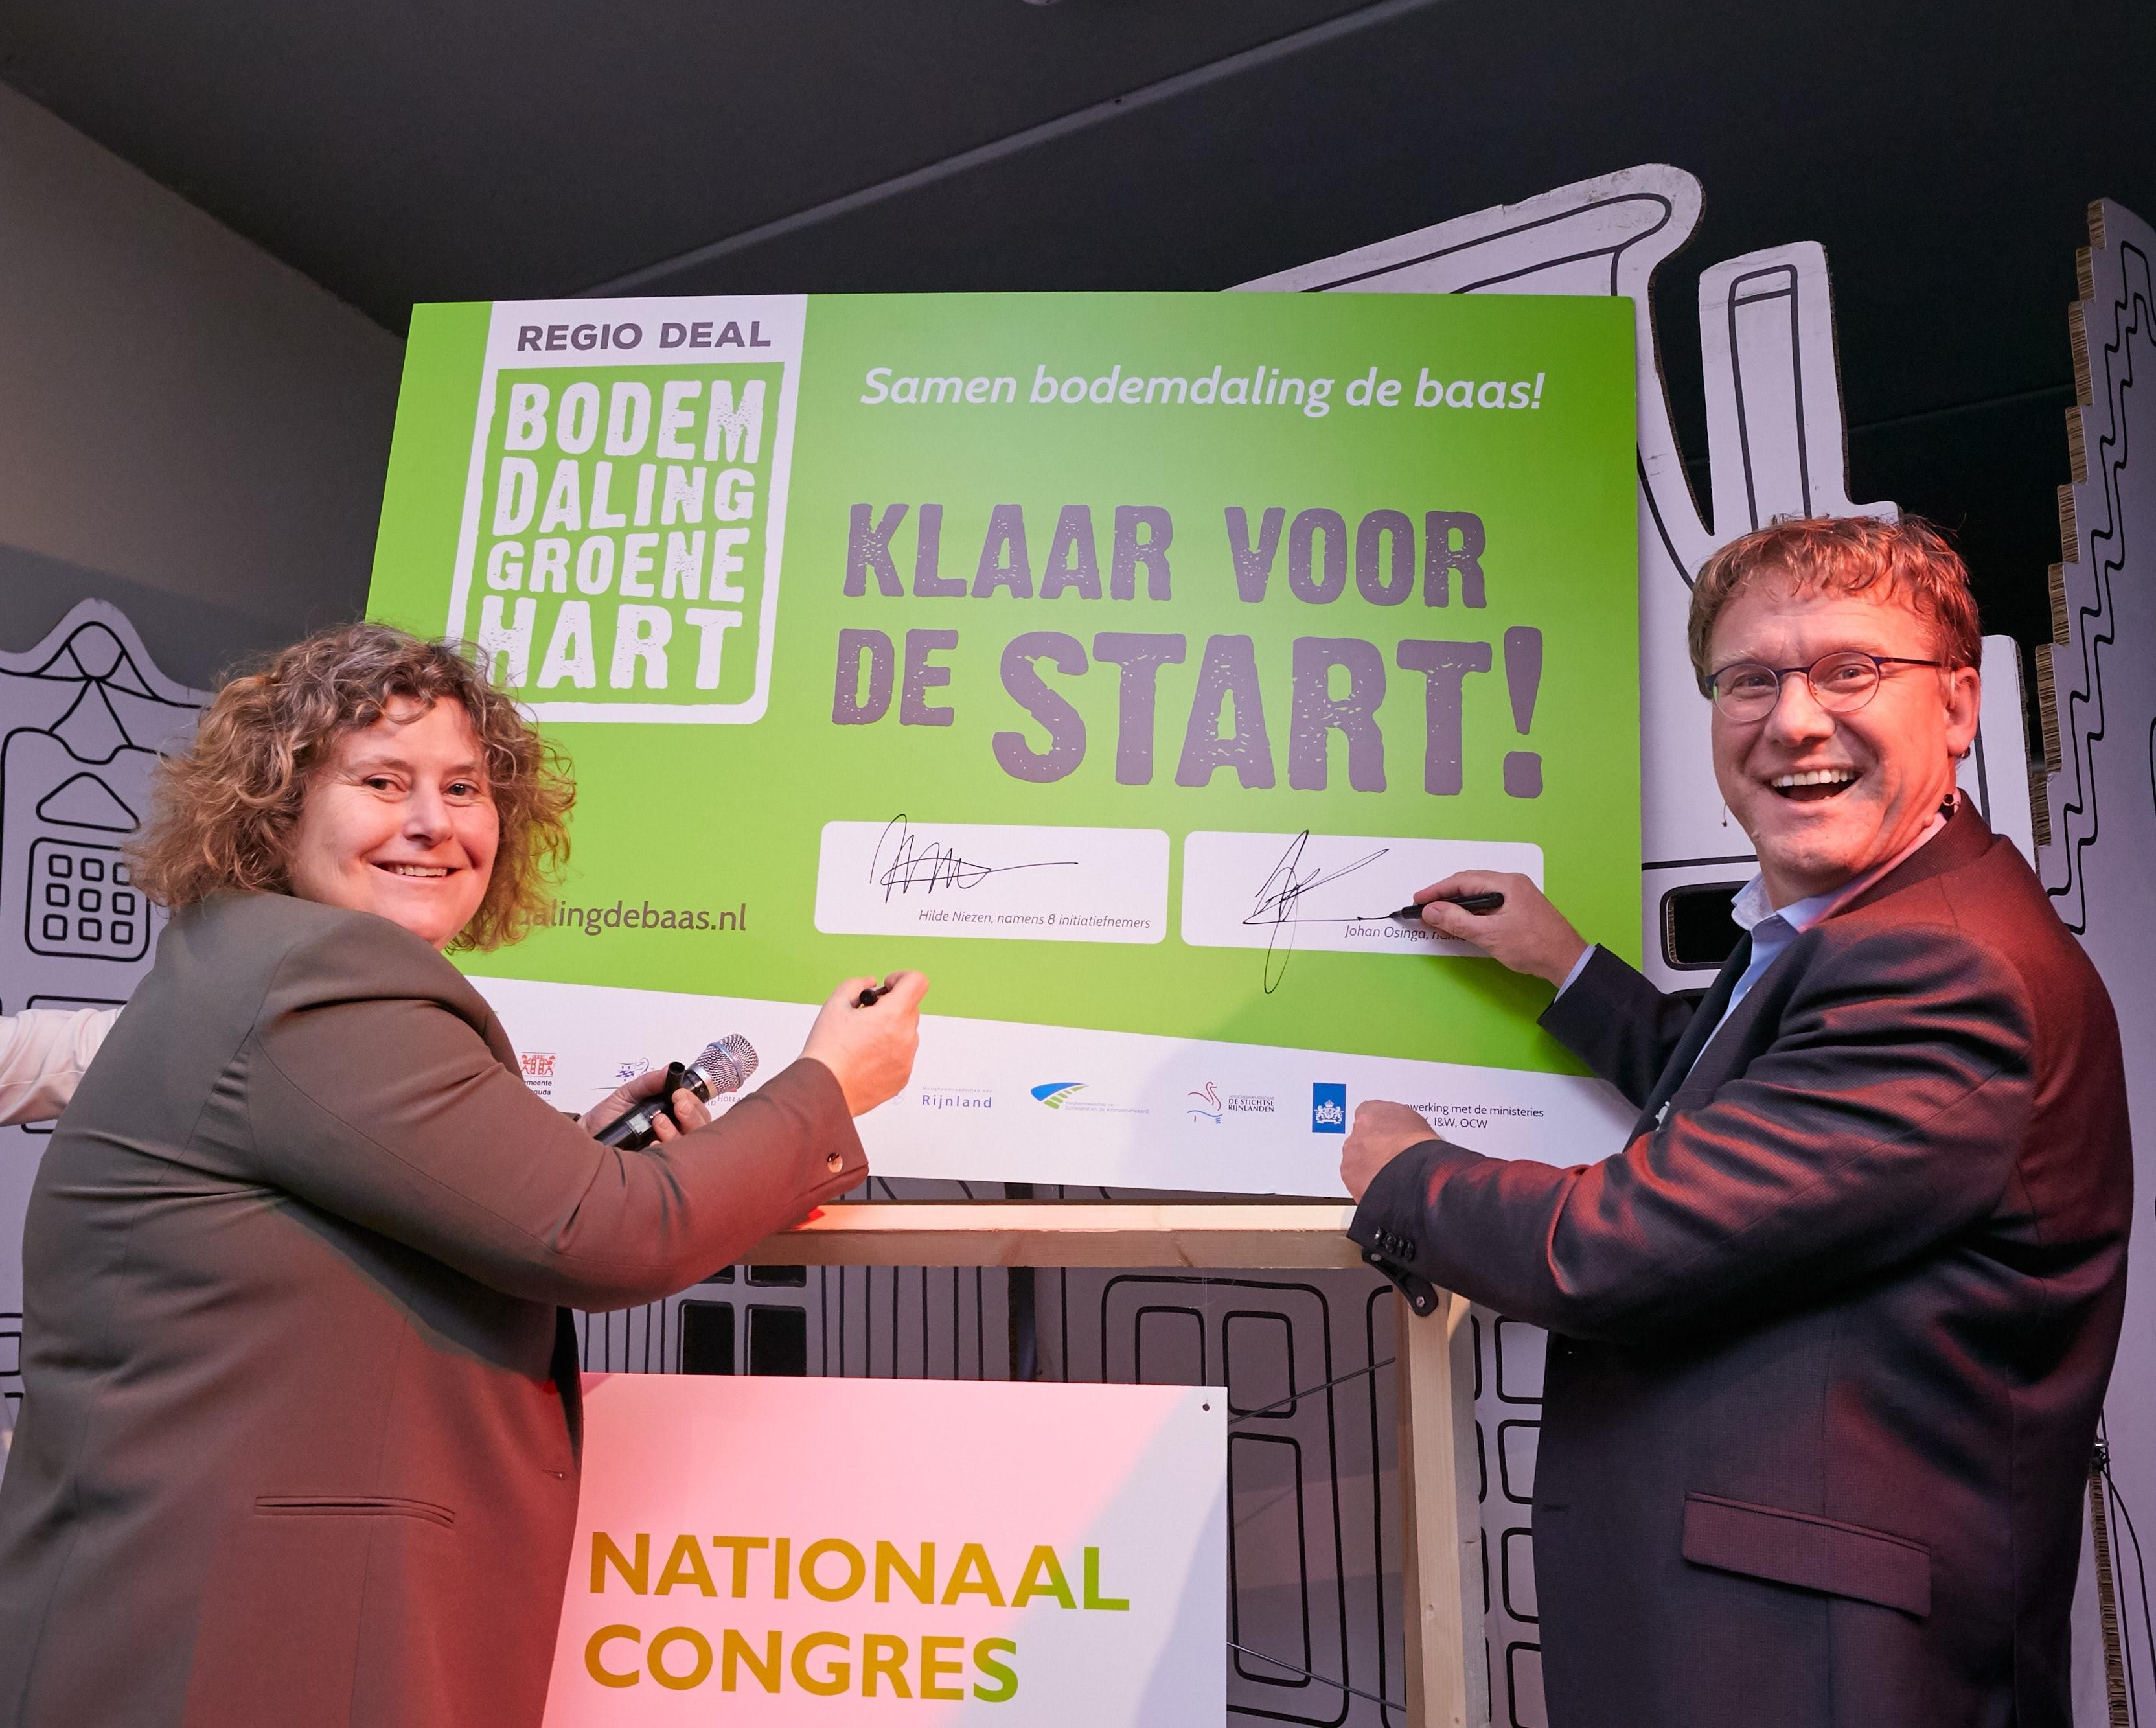 Regio Deal bodemdaling officieel van start!